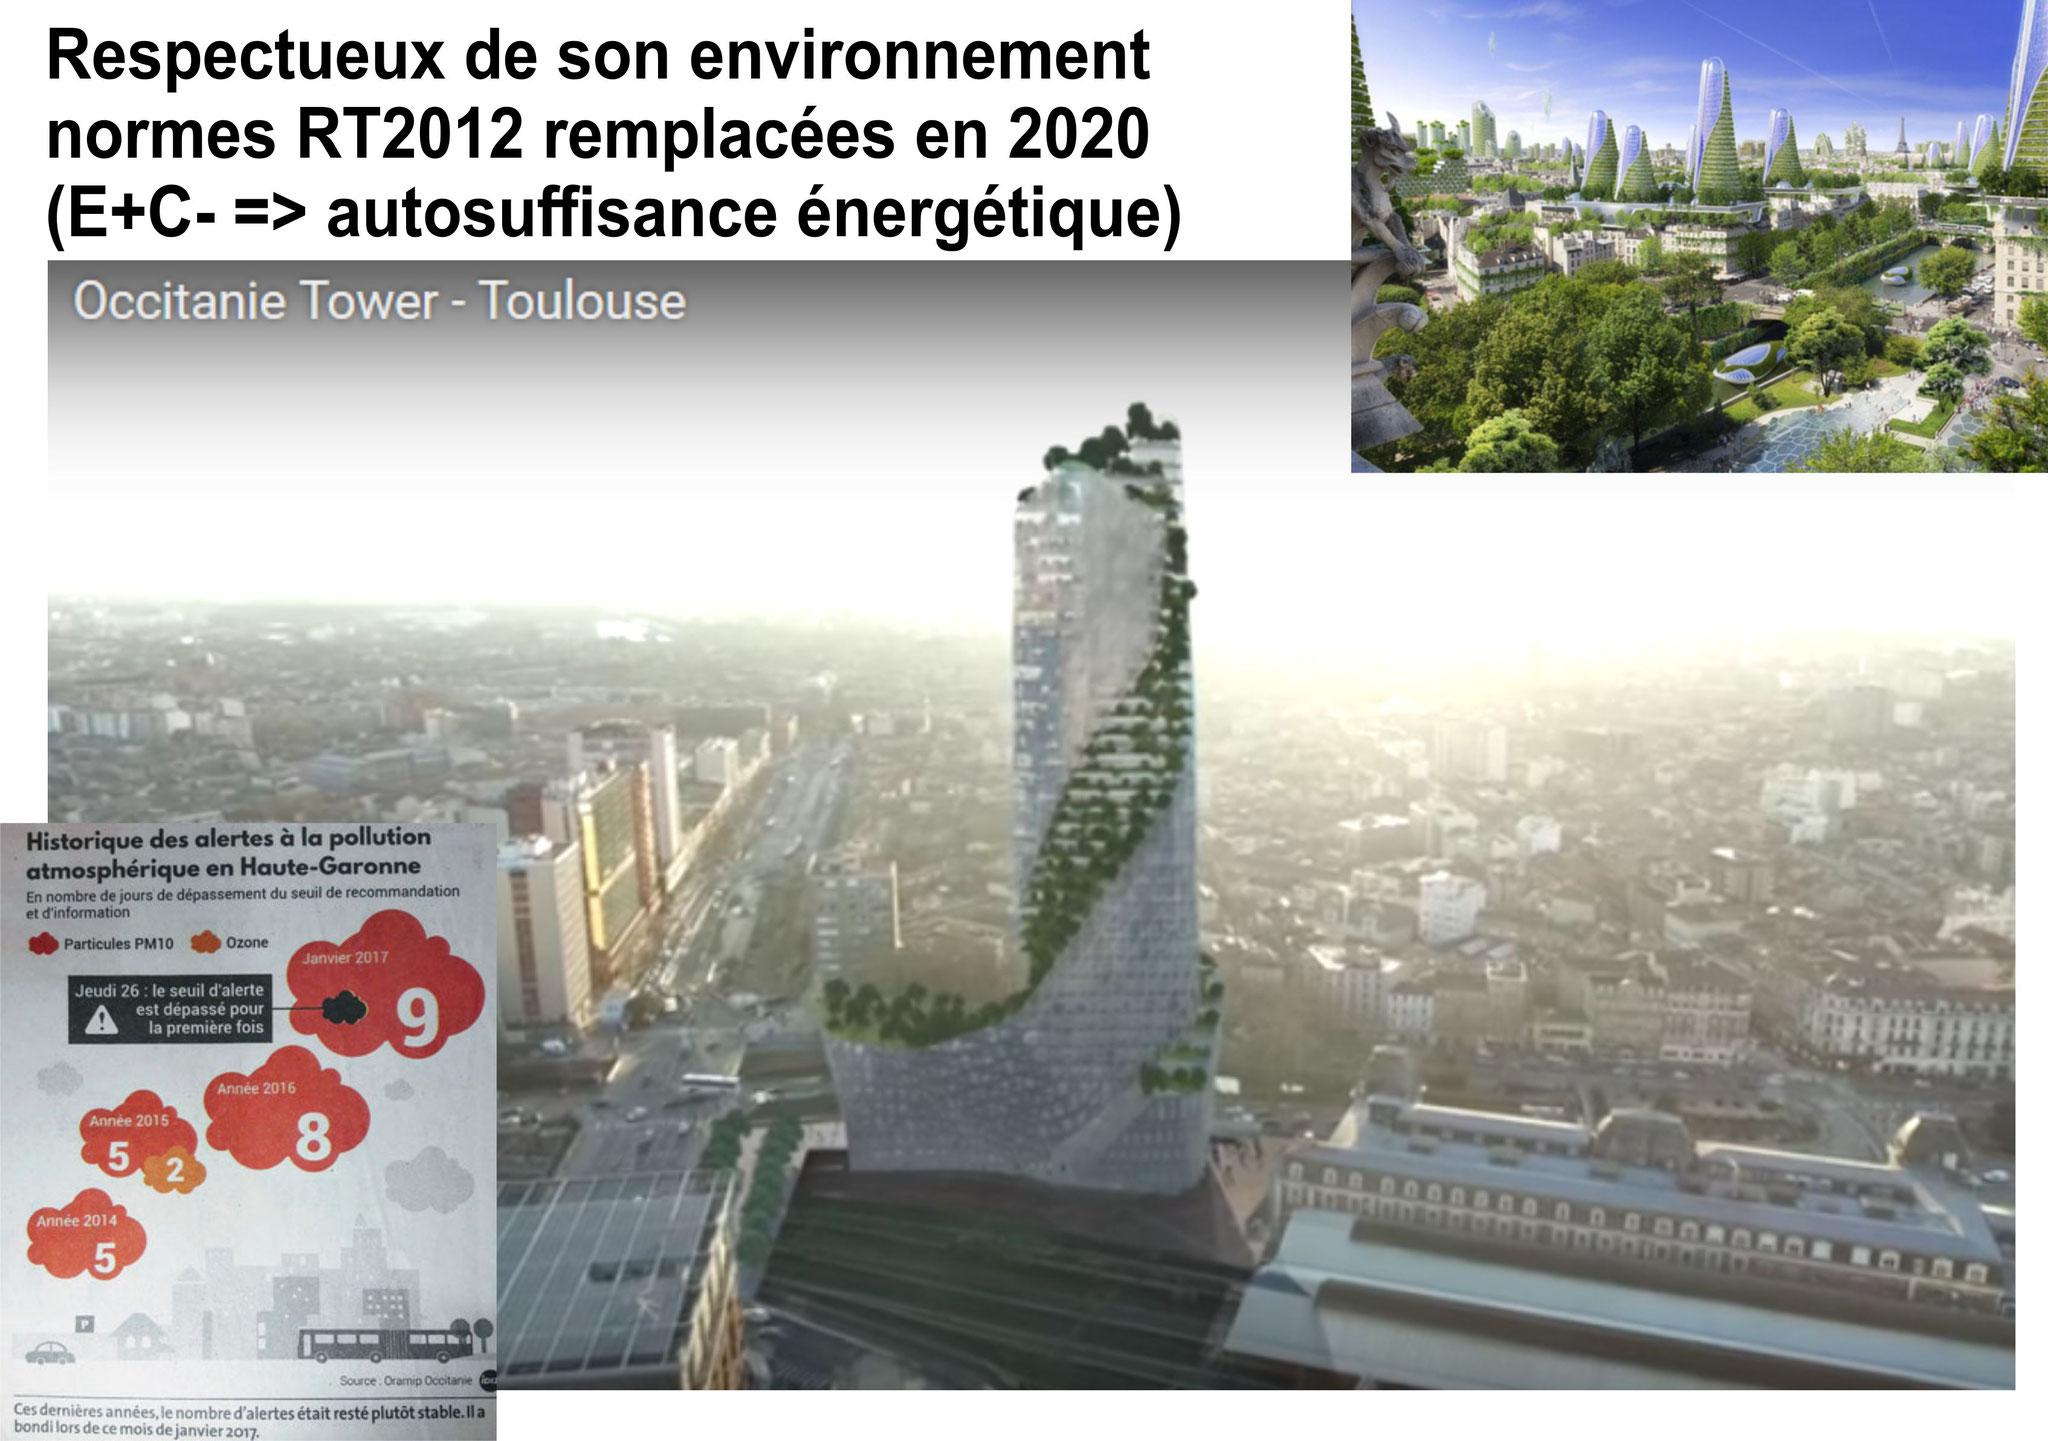 Il ne répond pas, non plus, aux exigences de lutte contre la pollution prévues pour 2020